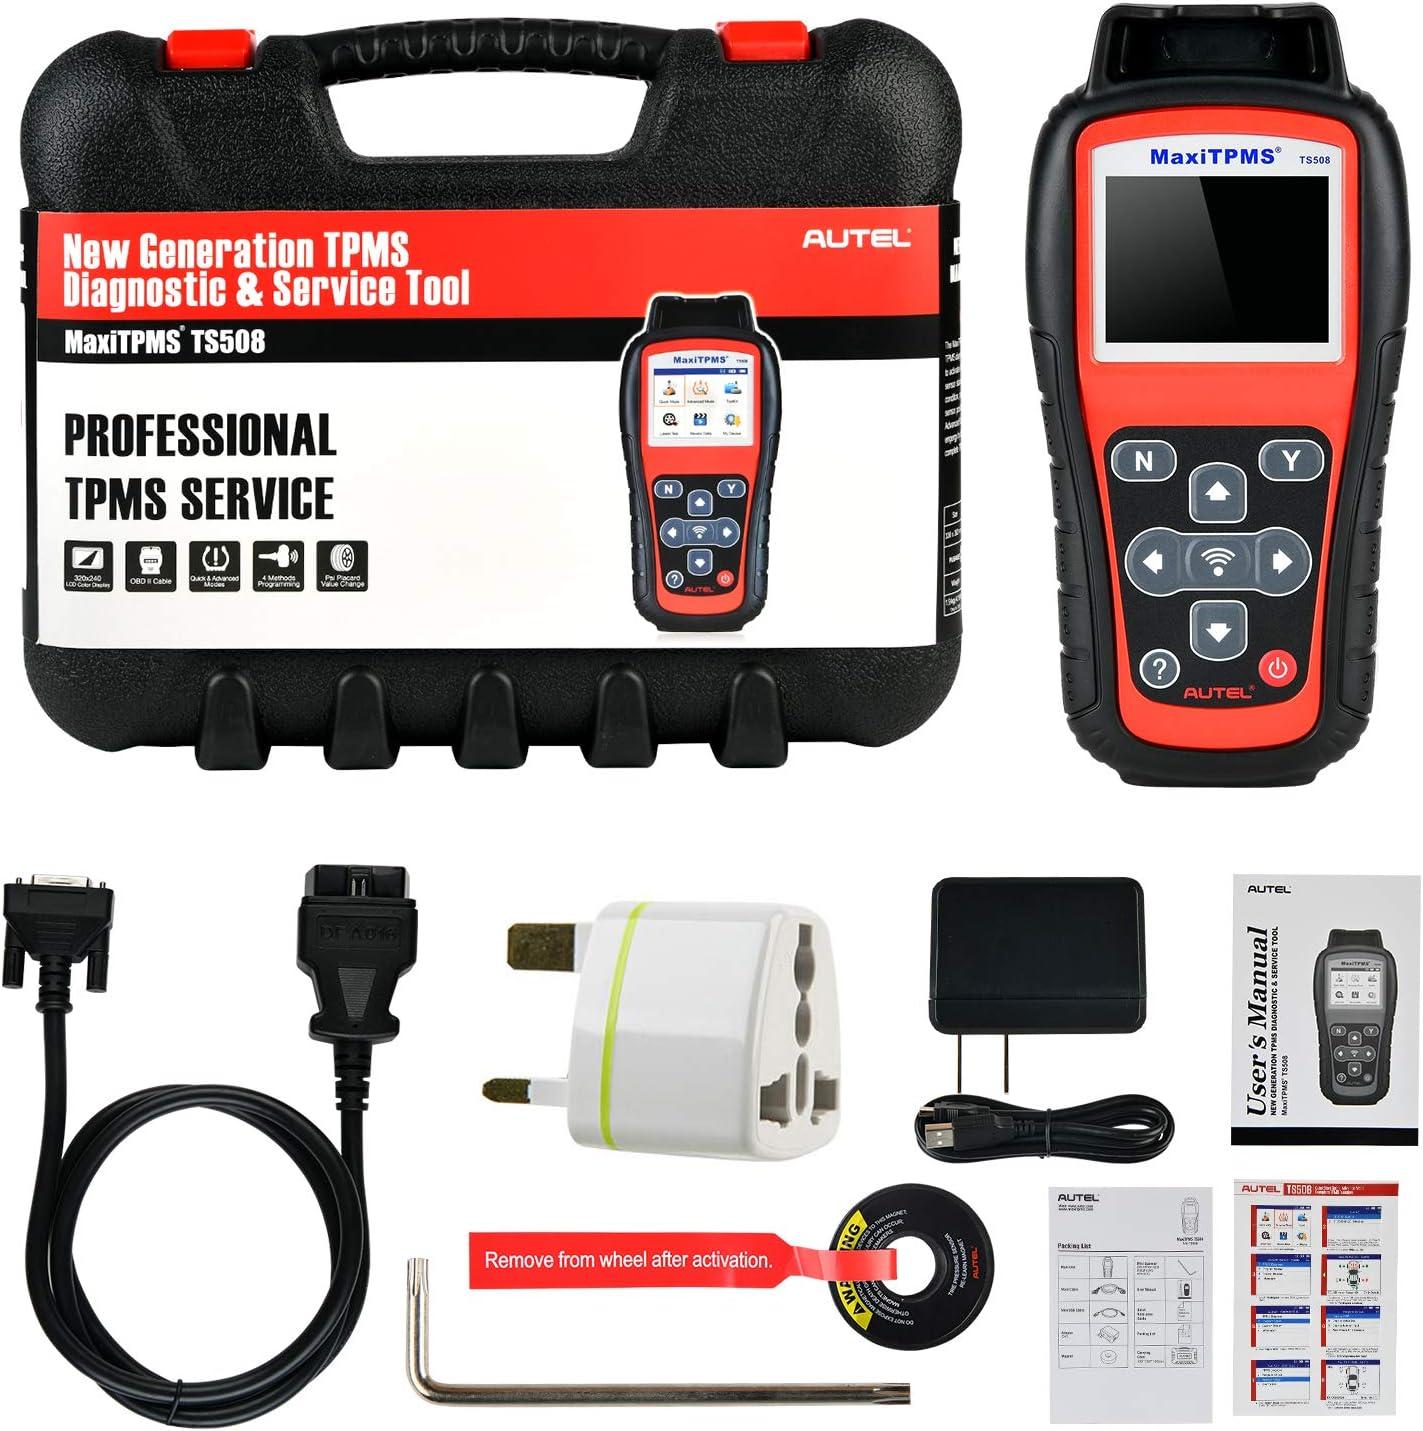 Am/élior/é de TS501 TS401 avec Mode Rapide Programmation TPMS Autel MaxiTPMS TS508 Outil de Diagnostic et de Service TPMS pour Activation du Capteur Options de Mode Avanc/é R/éapprentissage TPMS